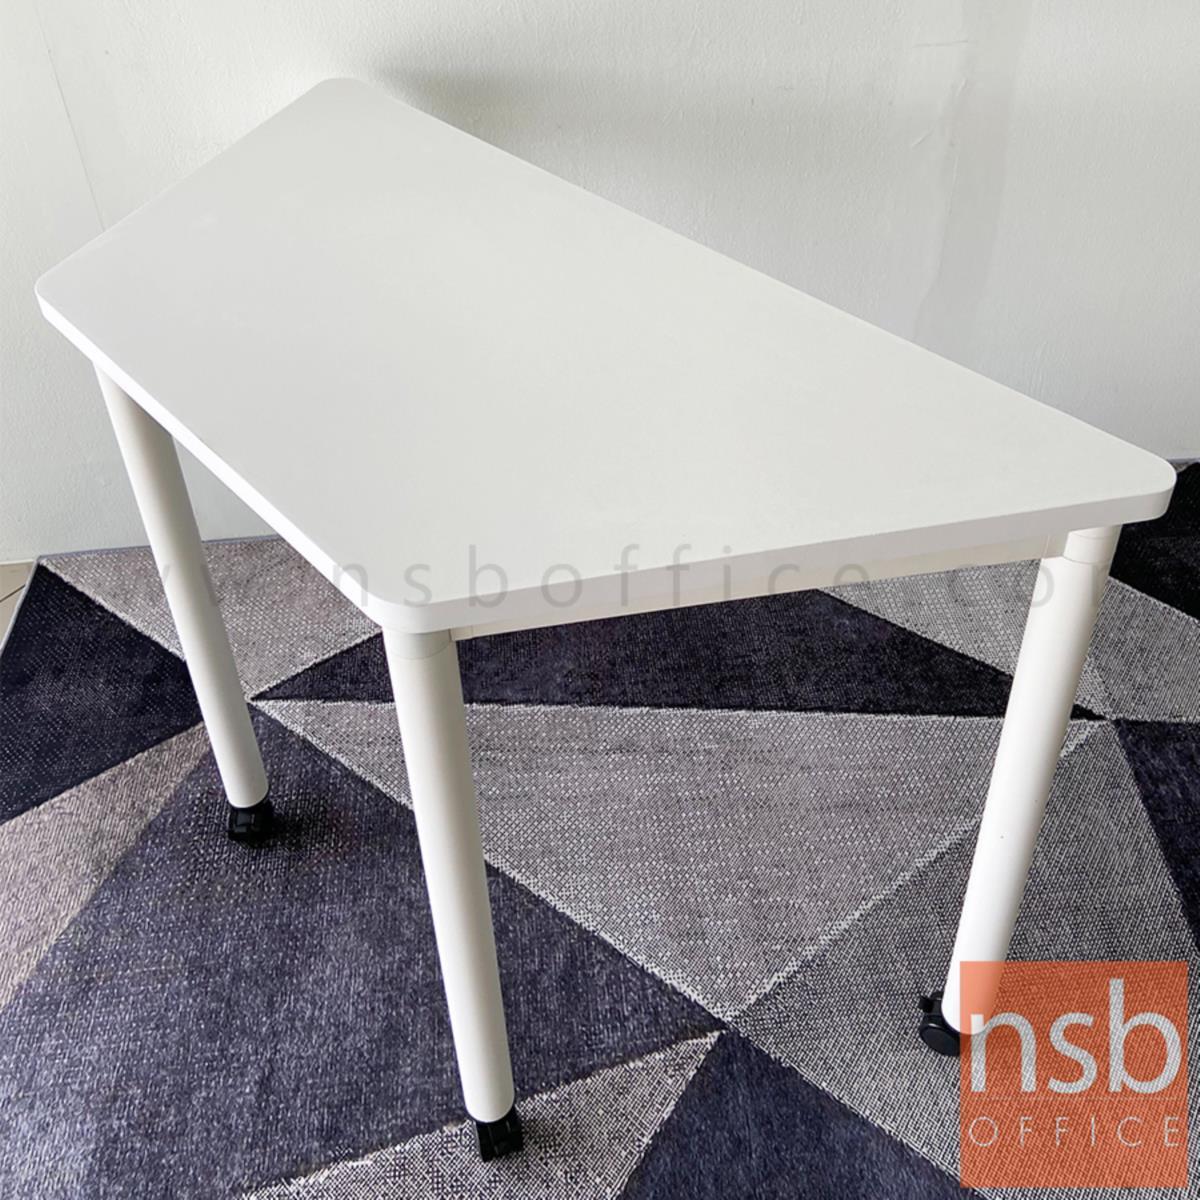 โต๊ะทำงานทรงคางหมูล้อเลื่อน รุ่น Malfoy (มัลฟอย) ขนาด  120W cm. โครงขาสีขาว